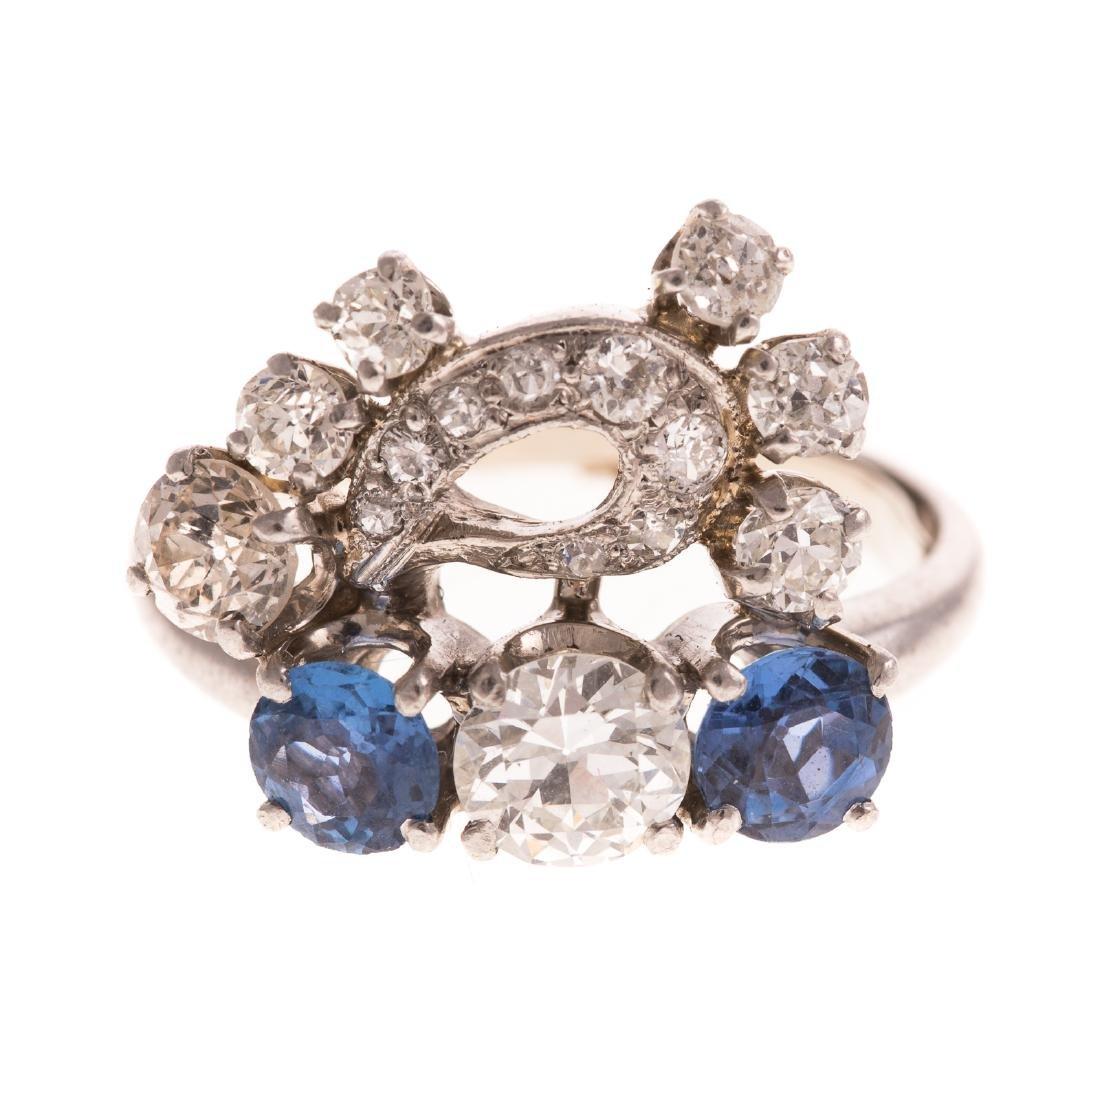 A Ladies Diamond & Sapphire Ring in Platinum